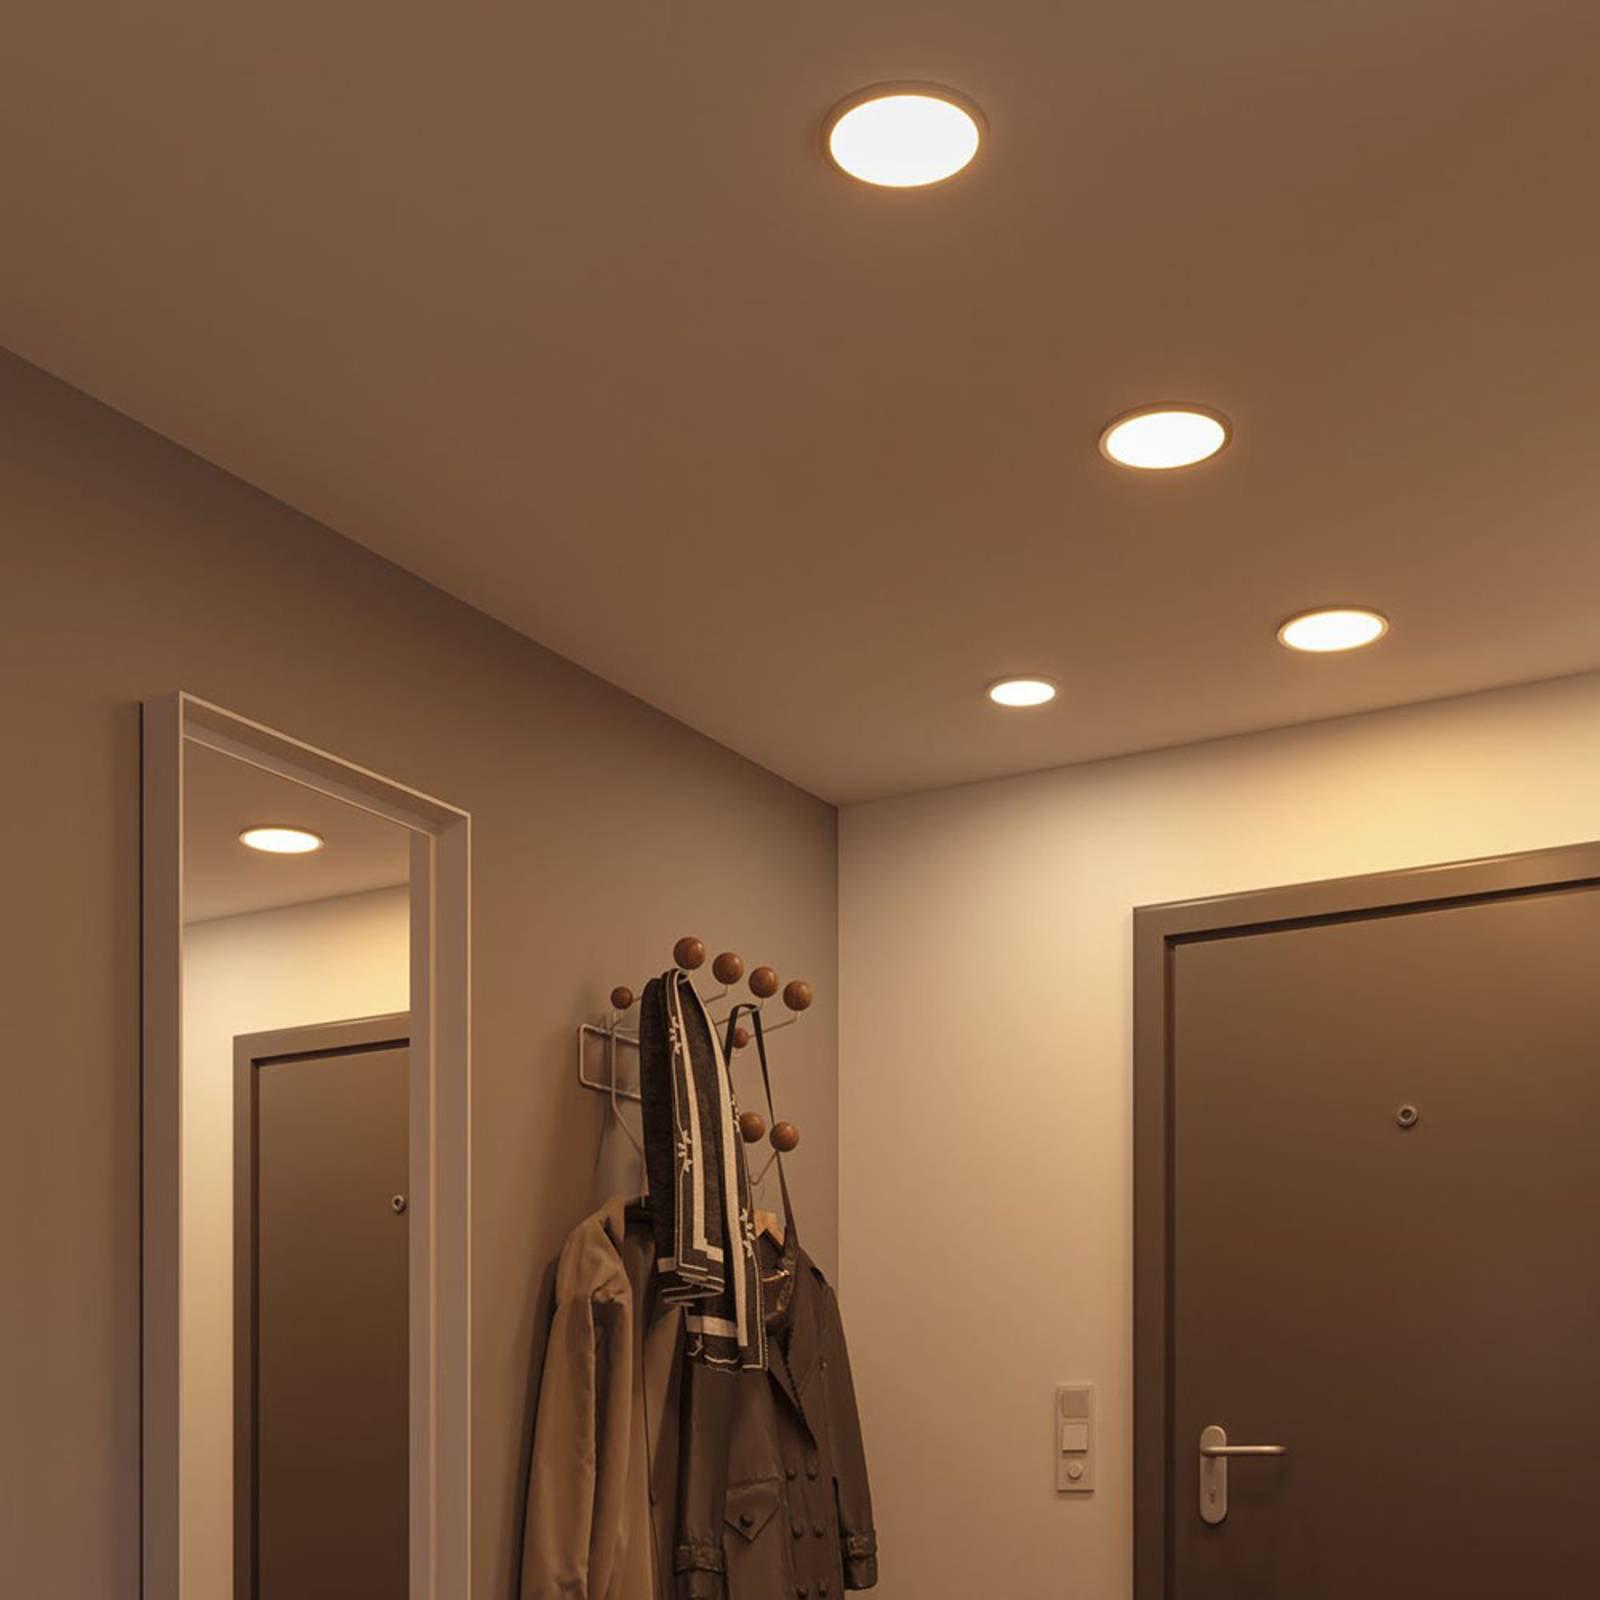 Paulmann LED-panel Areo 3 000 K rund hvit 11,8 cm